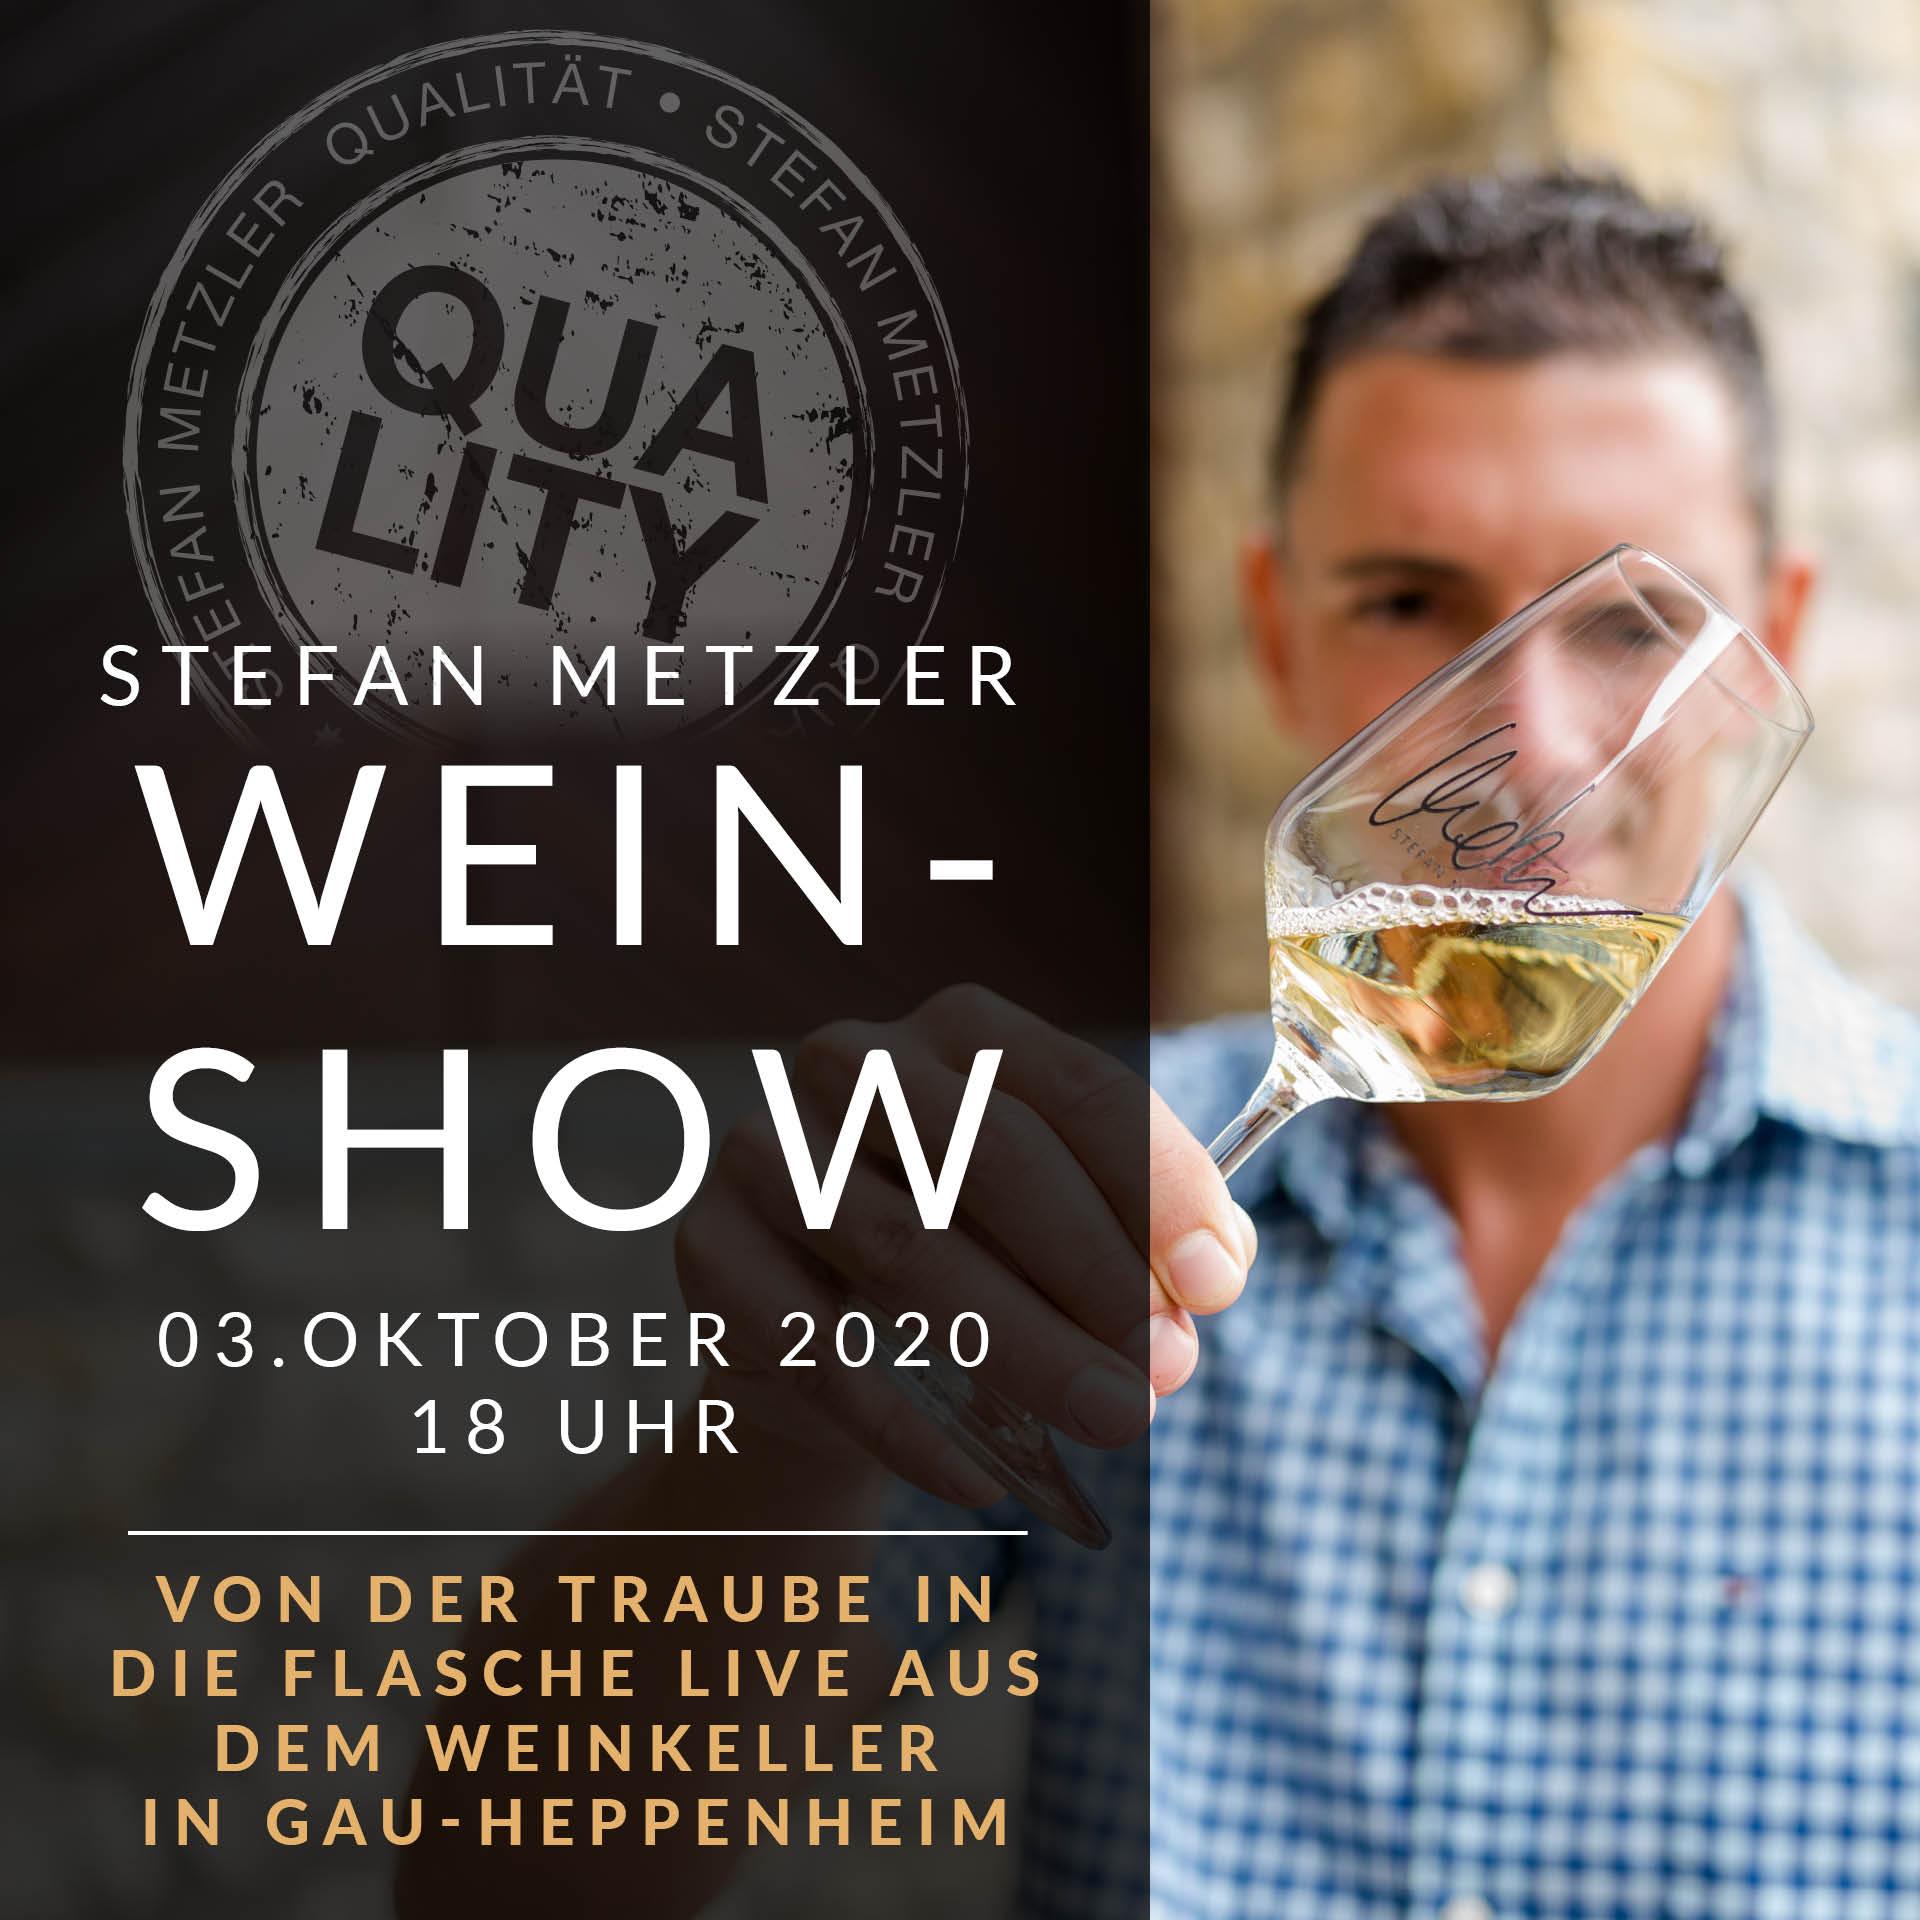 Online-Event 03.10.2020: Stefan Metzler´s große Wein-Show